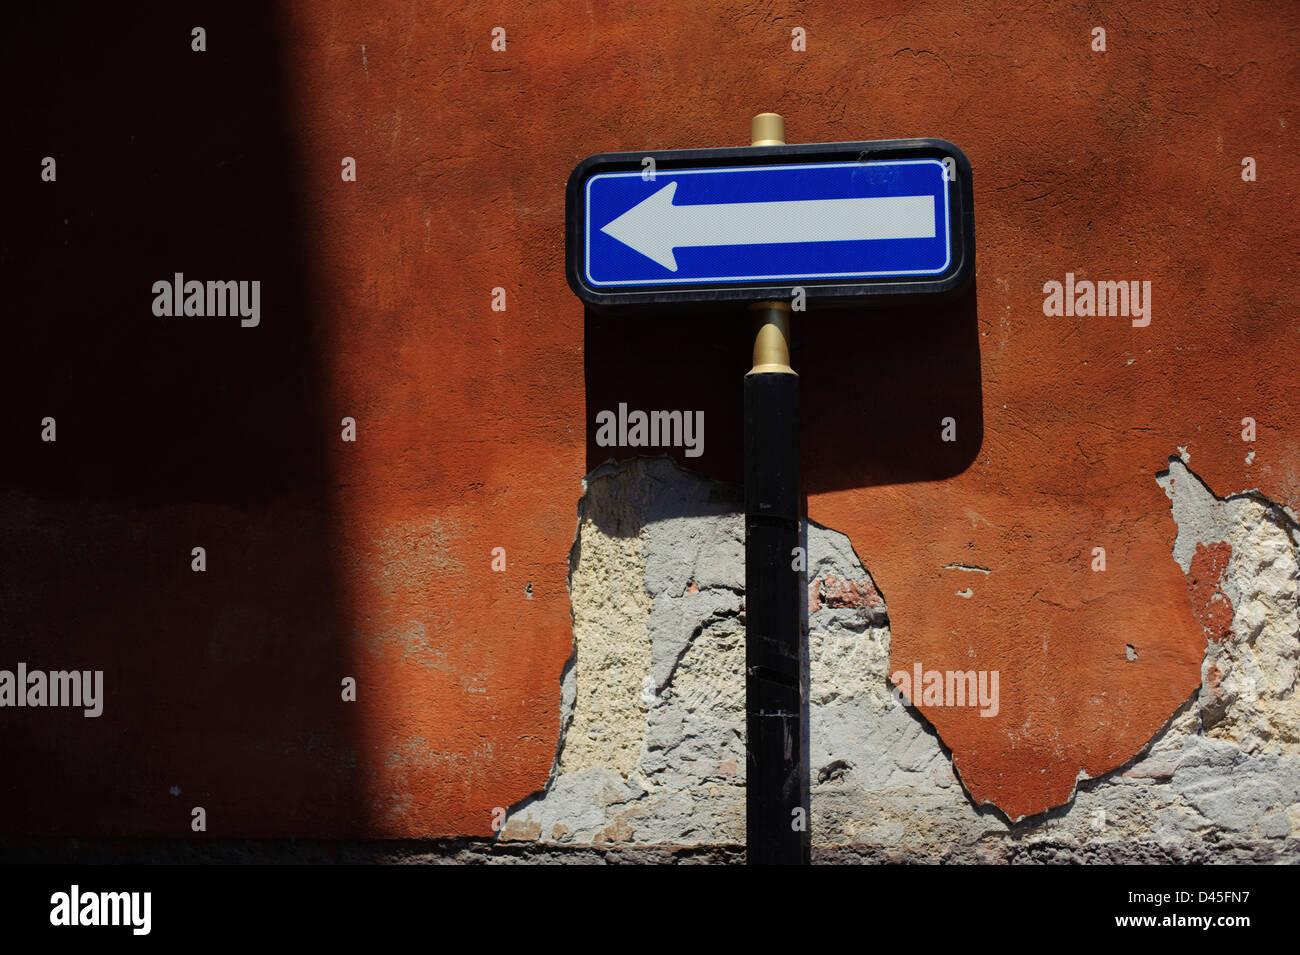 Signo de flecha azul y blanca contra una pared naranja, Verona, Italia. Imagen De Stock